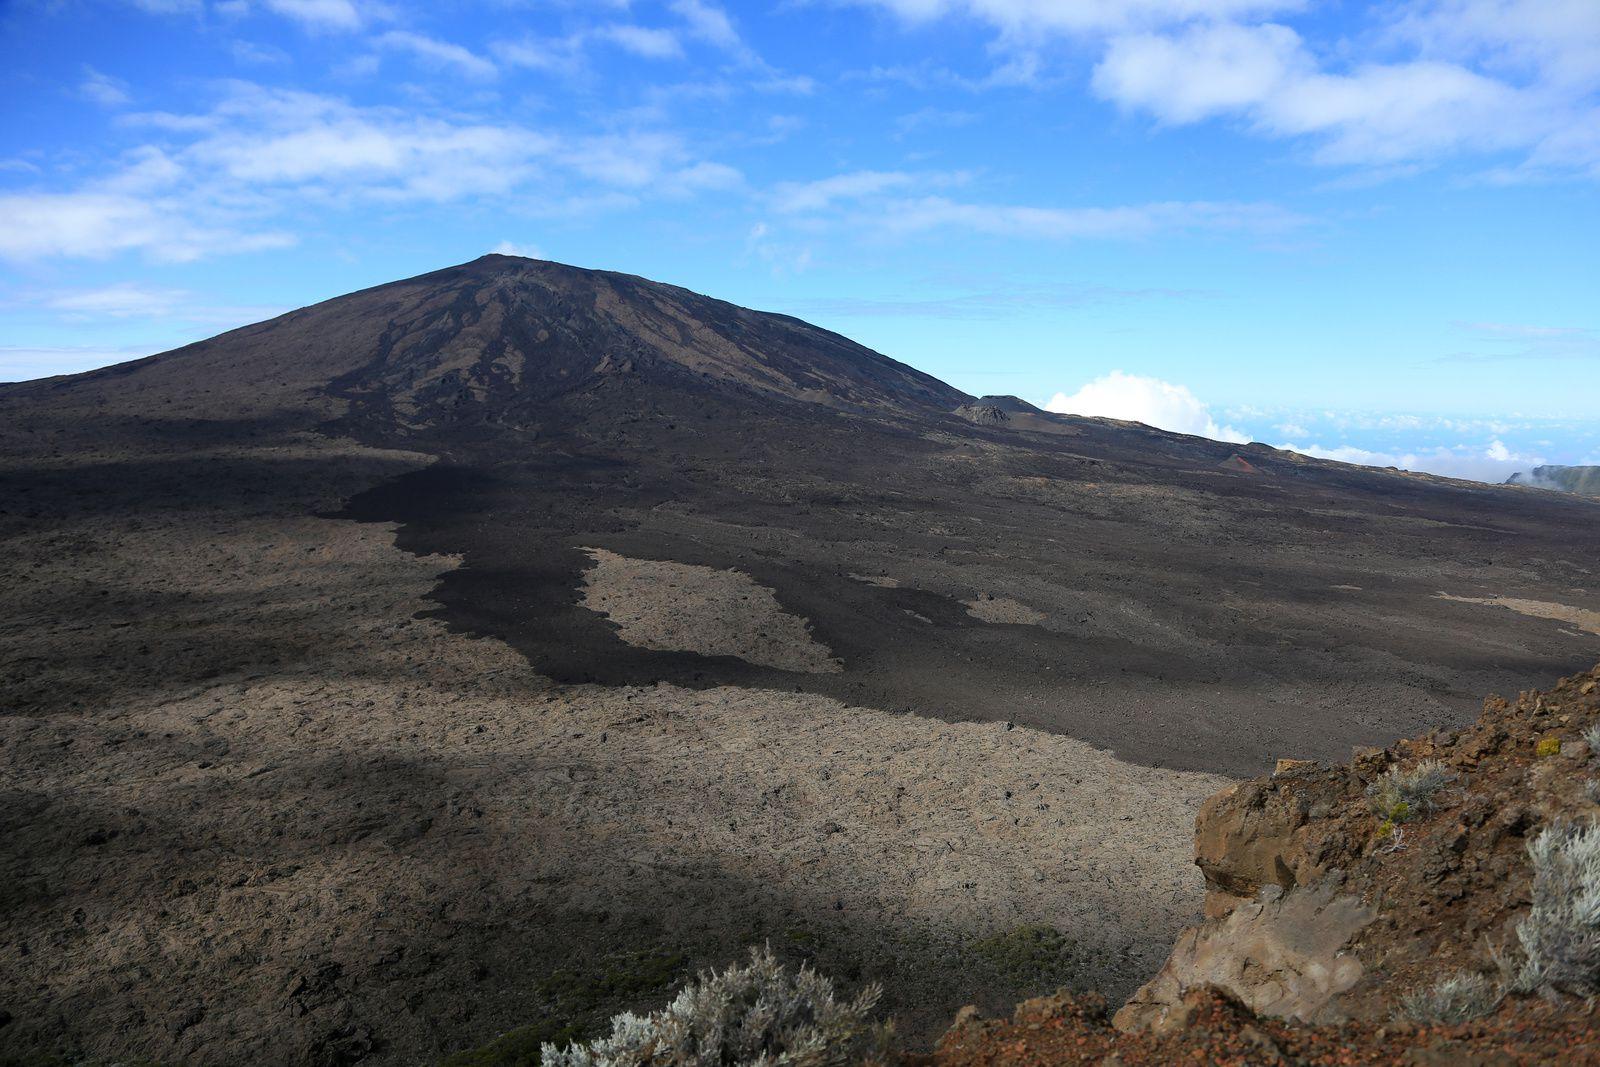 Piton de La Fournaise - L'activité est en baisse sur le volcan - photo © Bernard Duyck  06.2017